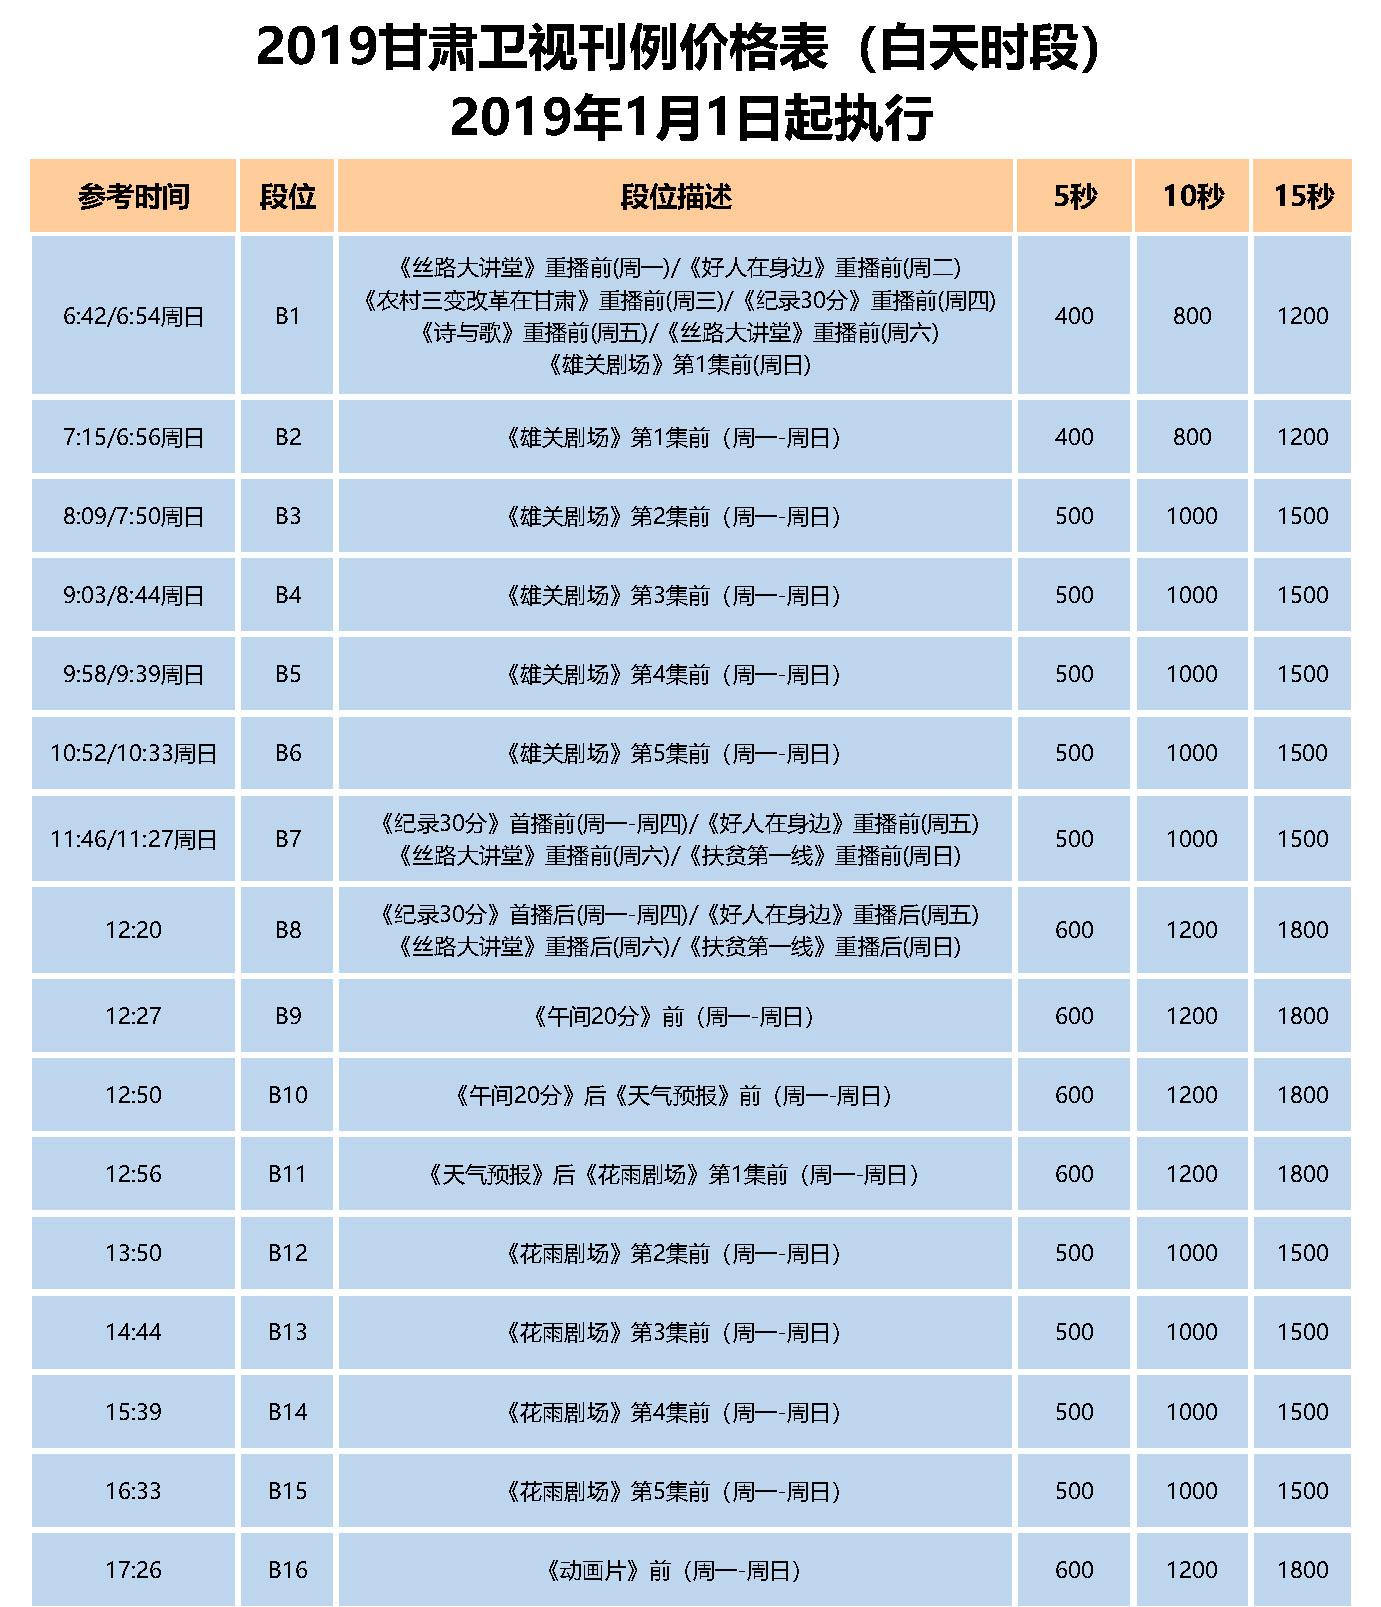 2019年 甘肃卫视 全天时段广告刊例价格